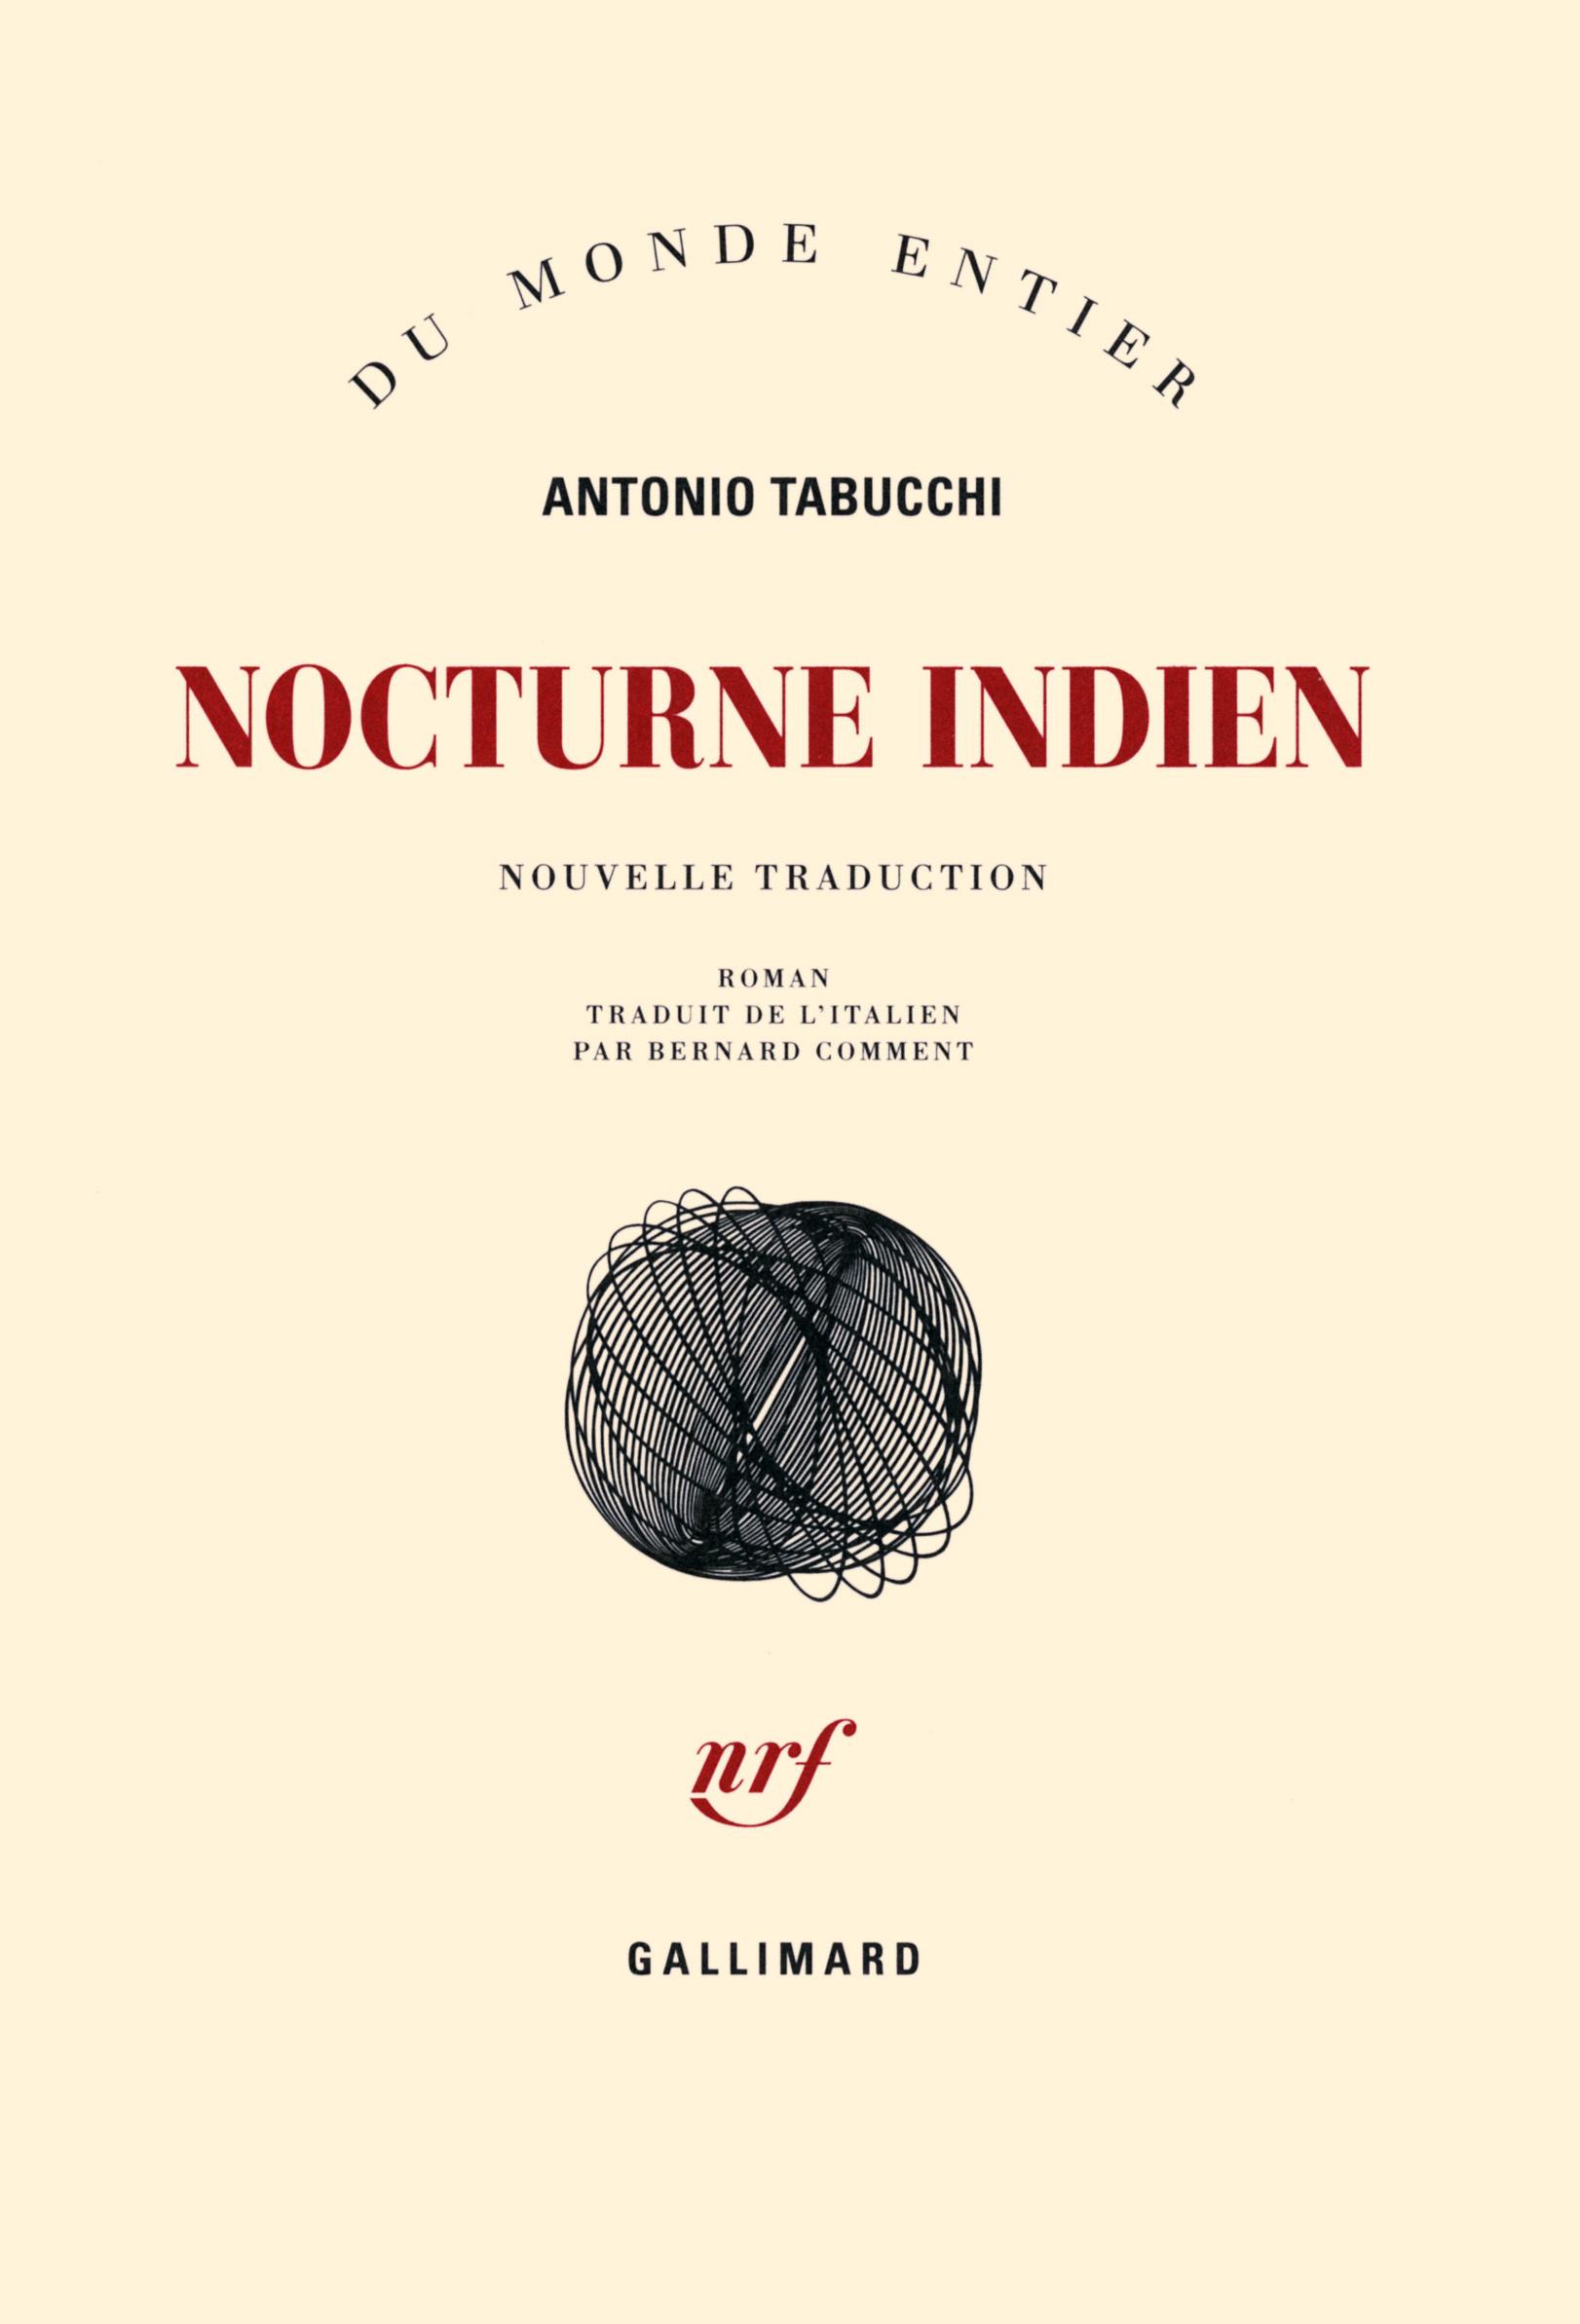 NOCTURNE INDIEN ROMAN